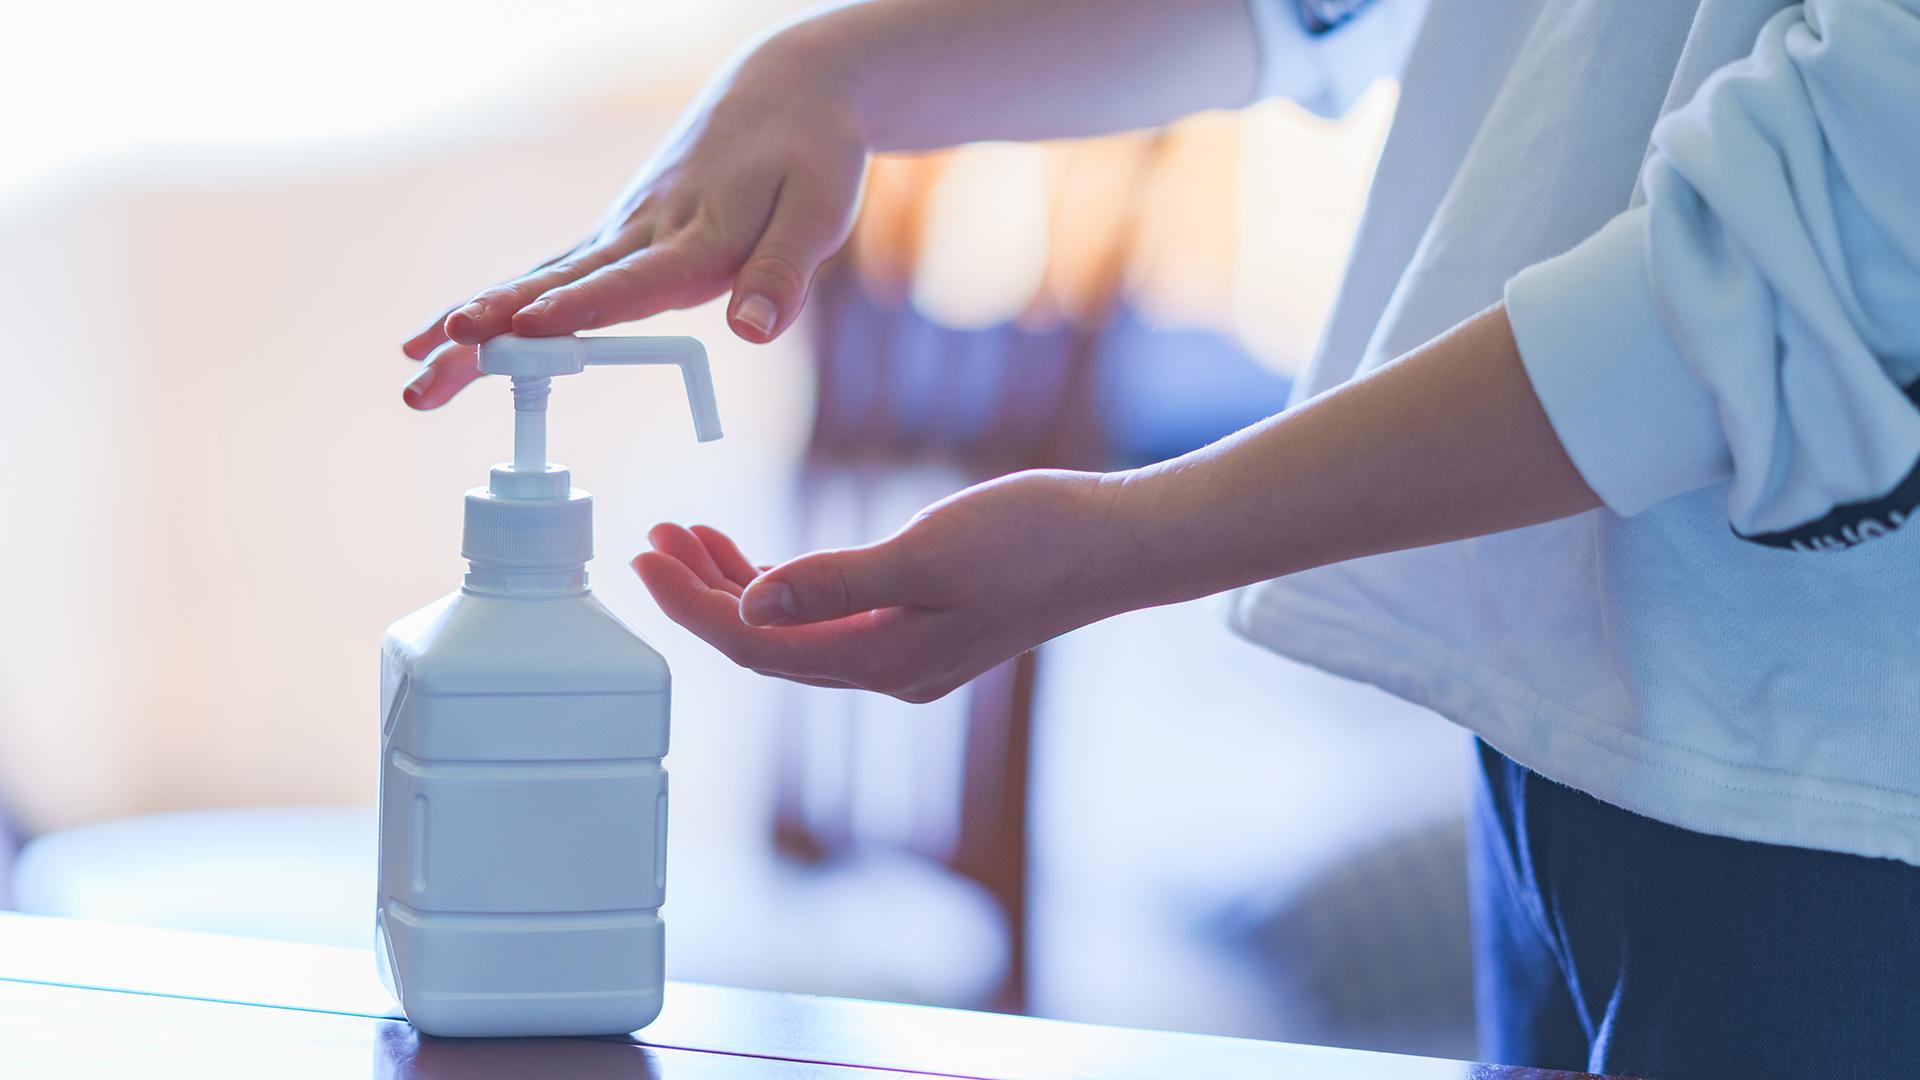 Koronariskin kurissa pitämiseksi käsienpesu ja käsidesinkäyttö on nyt tärkeää.